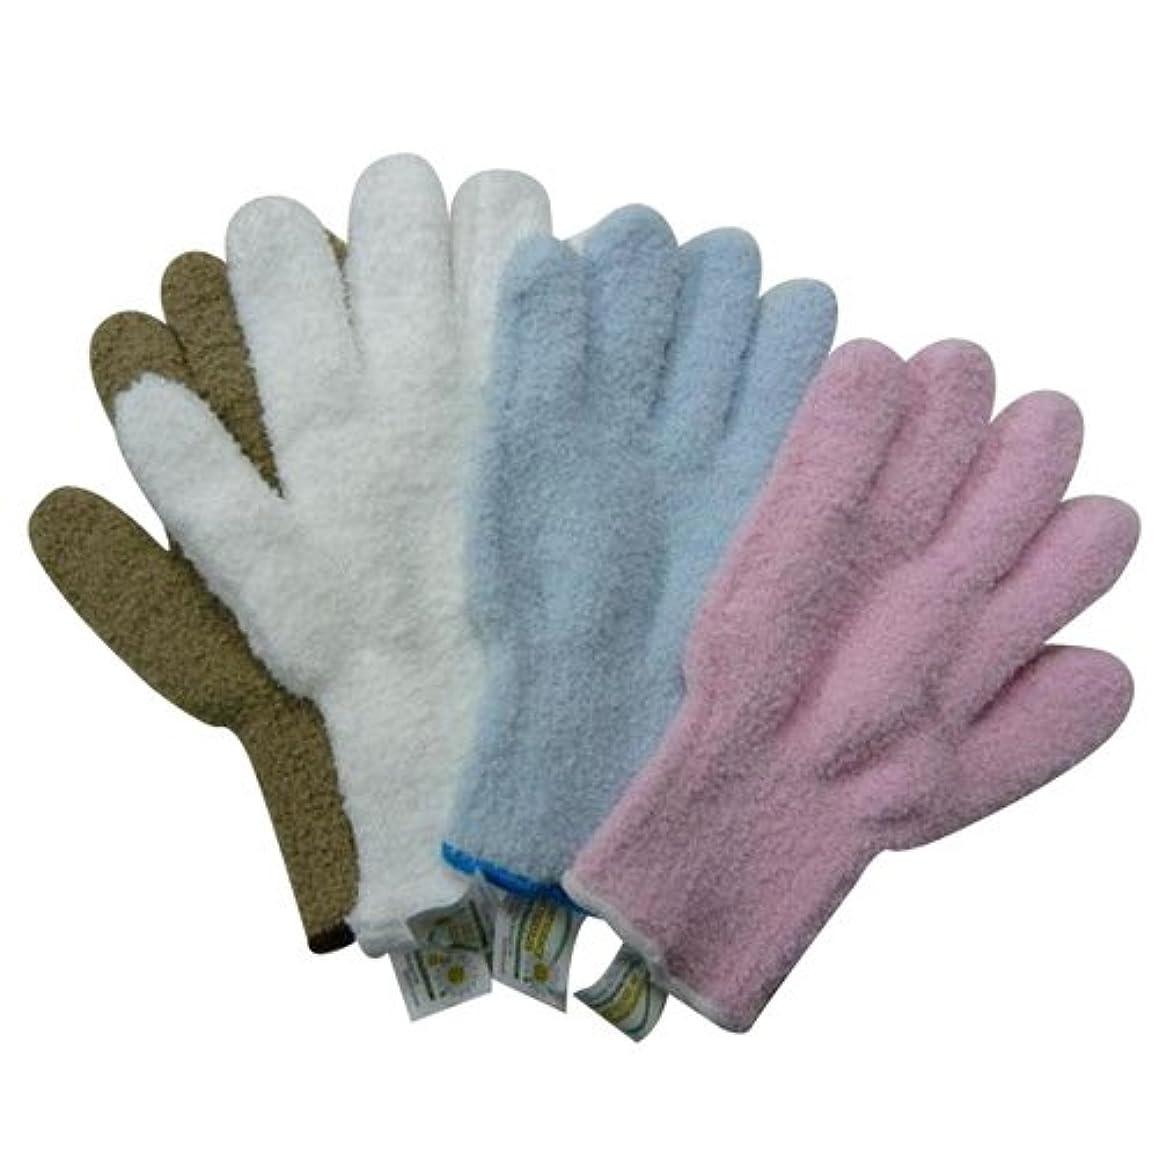 雑種伝統娯楽ウルトラ?マイクロファイバー手袋 エコテックスタグ付き×4色セット(KE702-WH?SB?BE?PK) 5007an